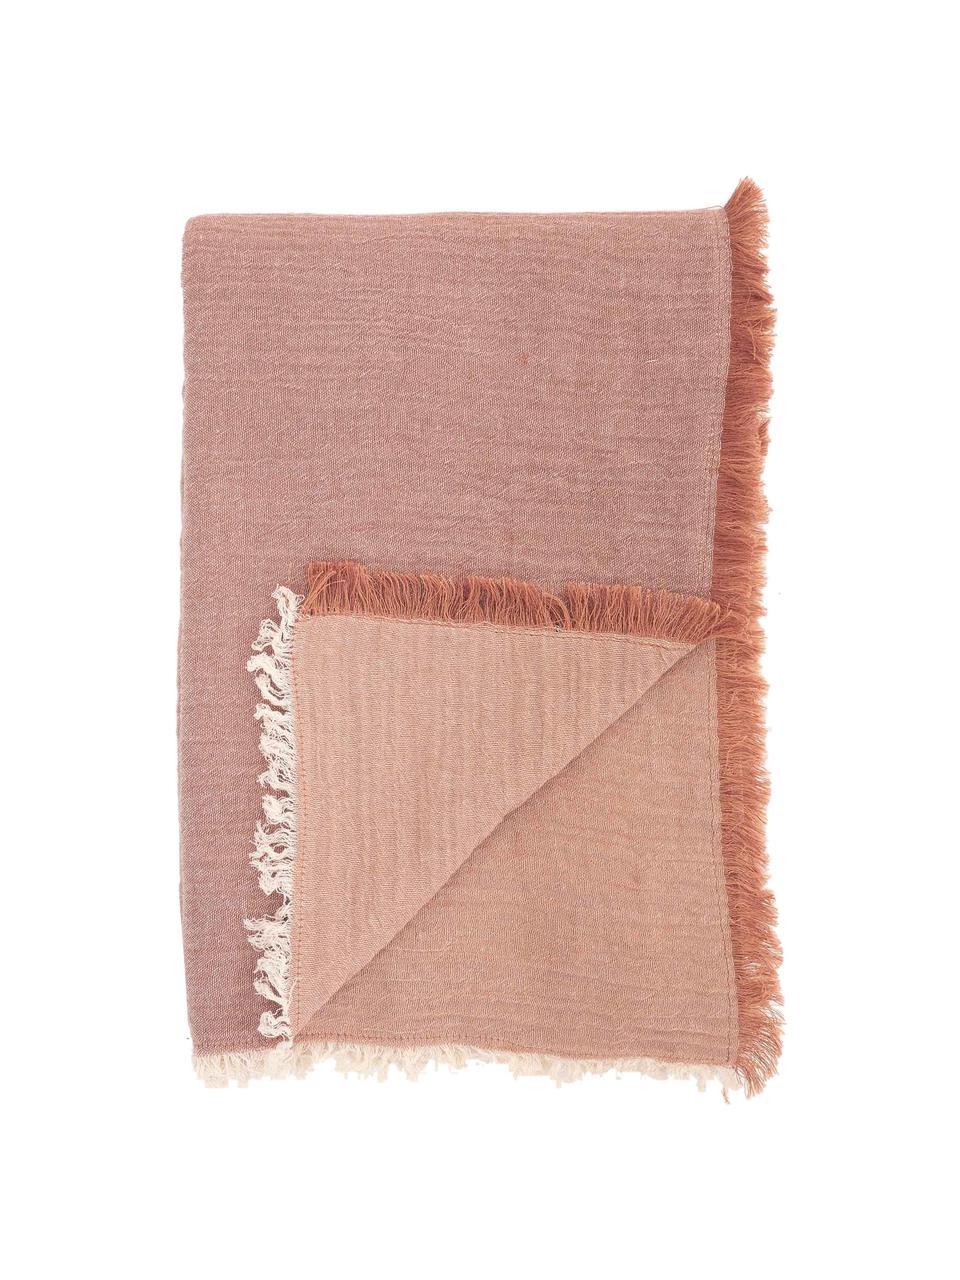 Tovaglia in cotone con frange Layer, 100% cotone, Rosso, Per 4-6 persone (Larg.160 x Lung. 160 cm)